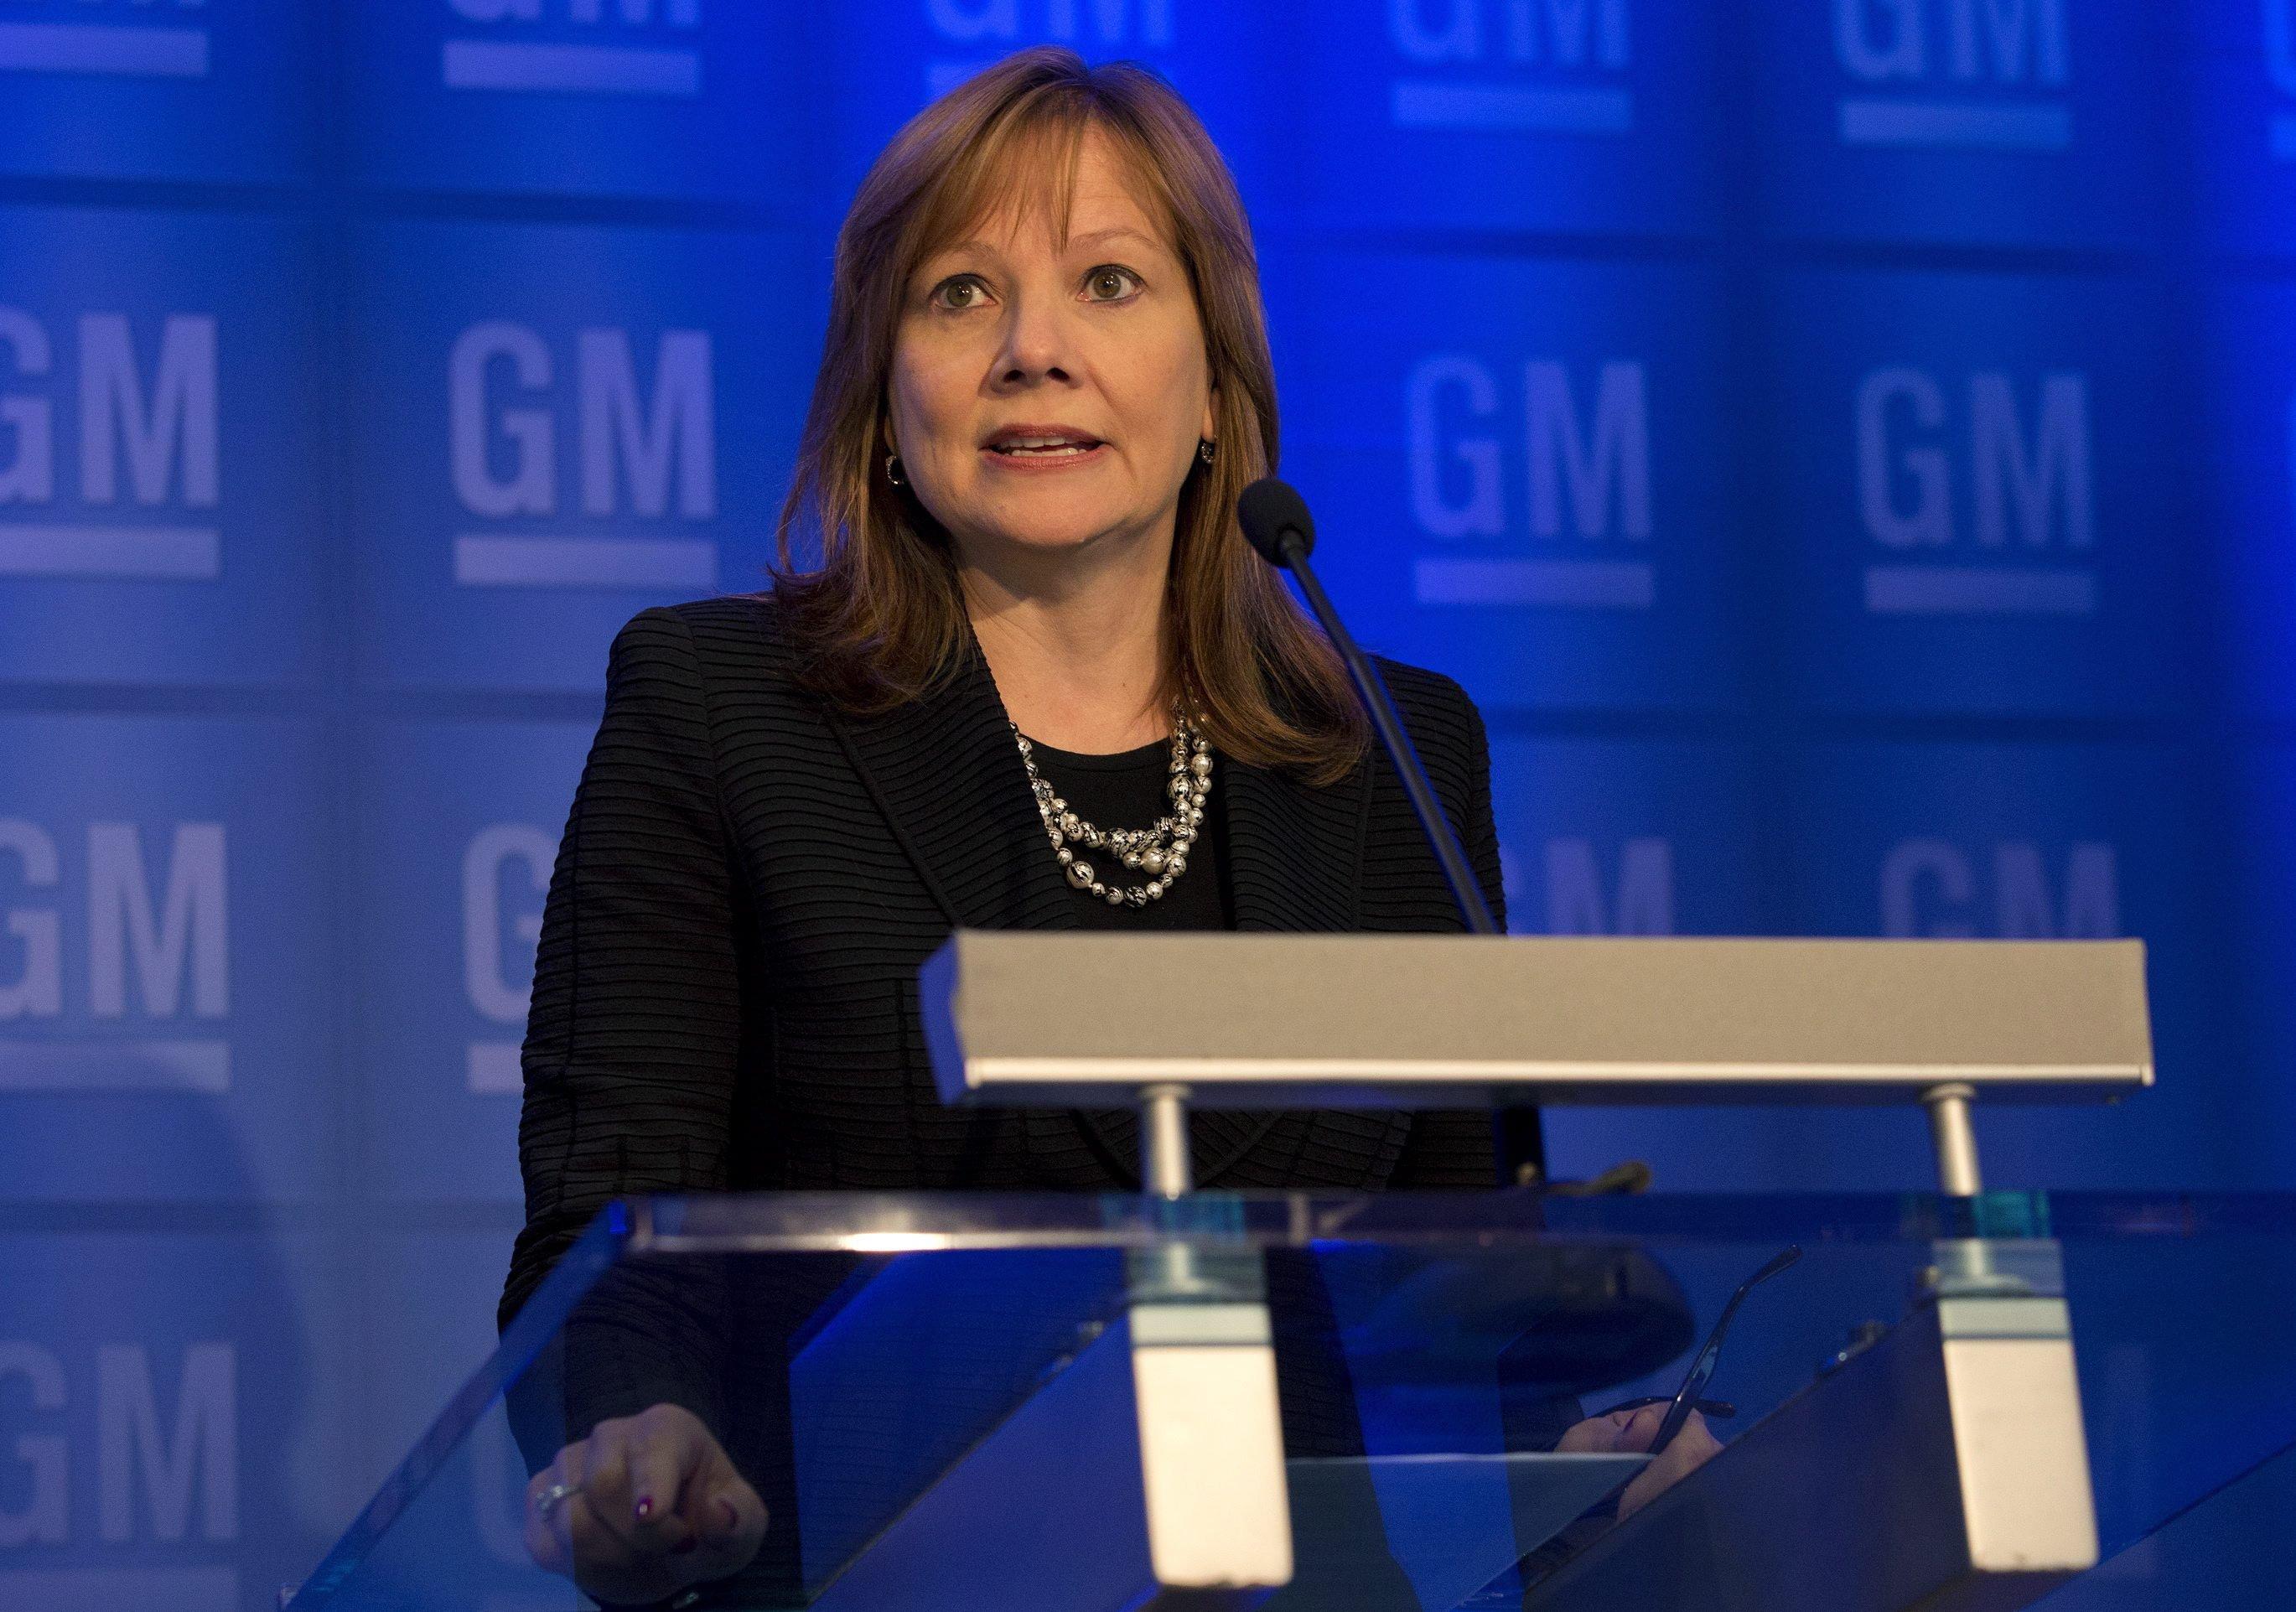 GM-Chefin Mary Barra will ein Entschädigungsprogramm auflägen.